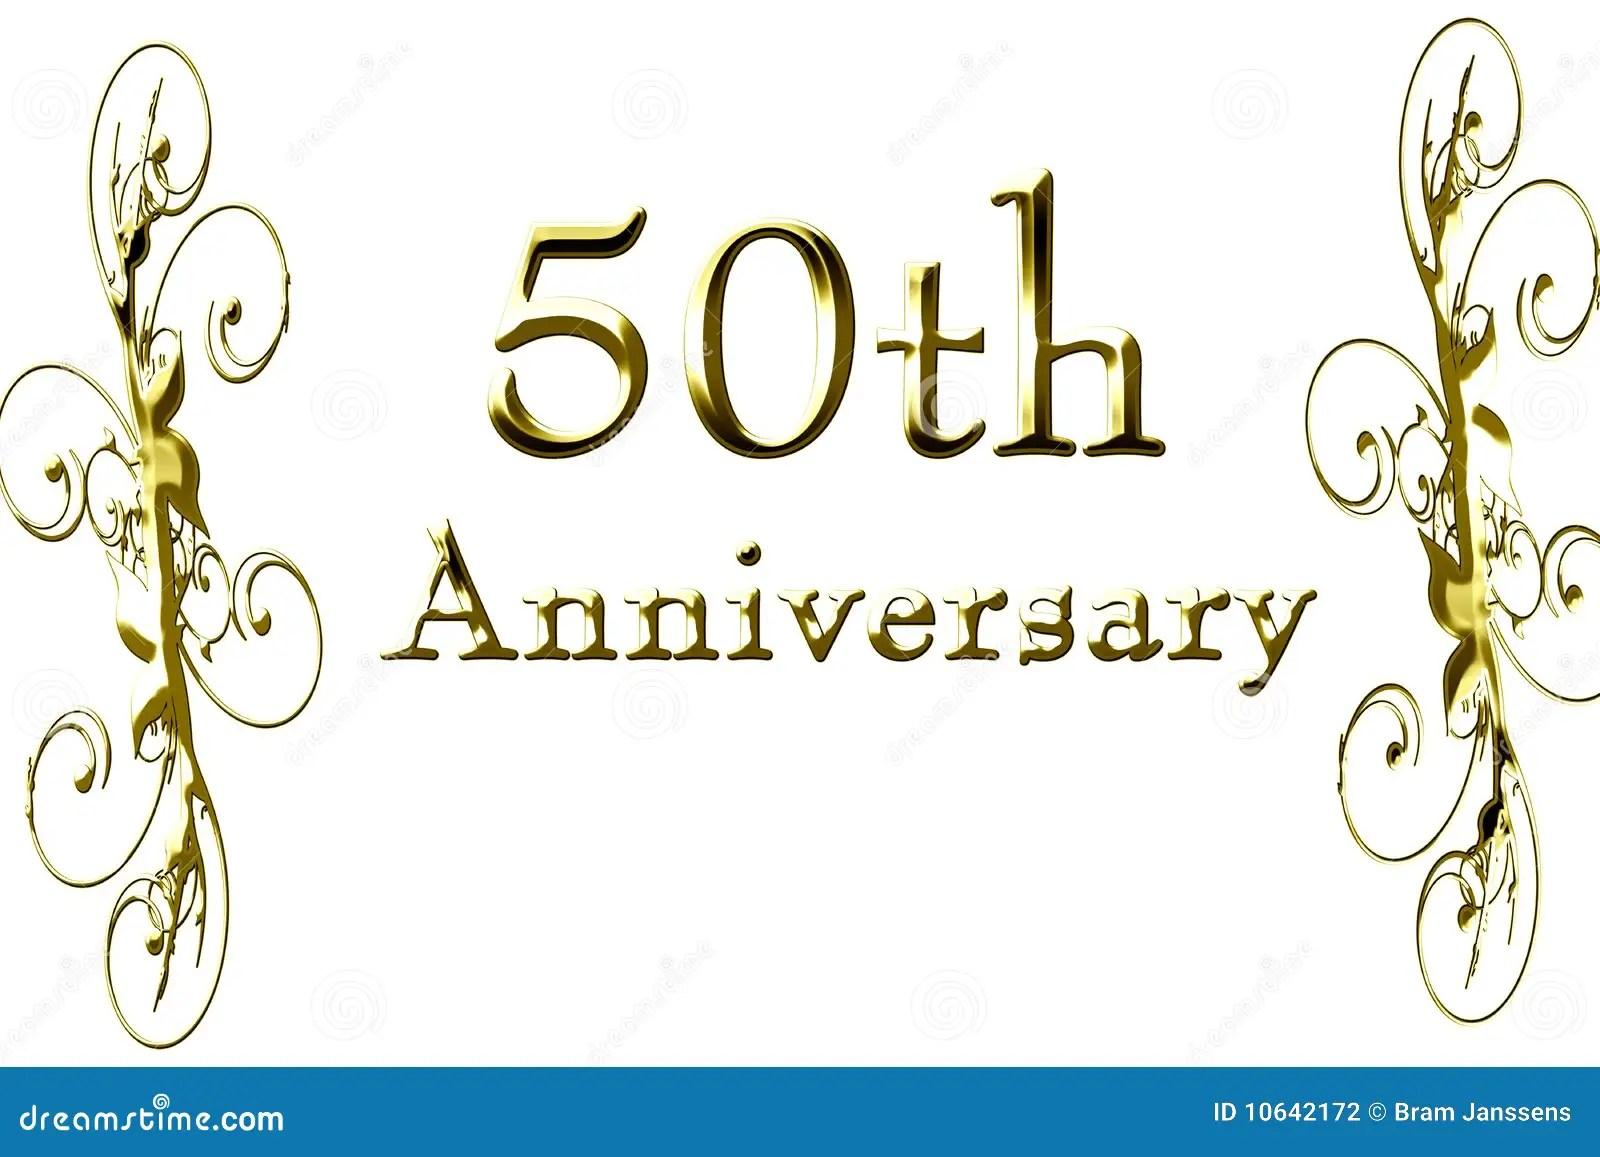 Year anniversary symbol 18 year anniversary symbol buycottarizona